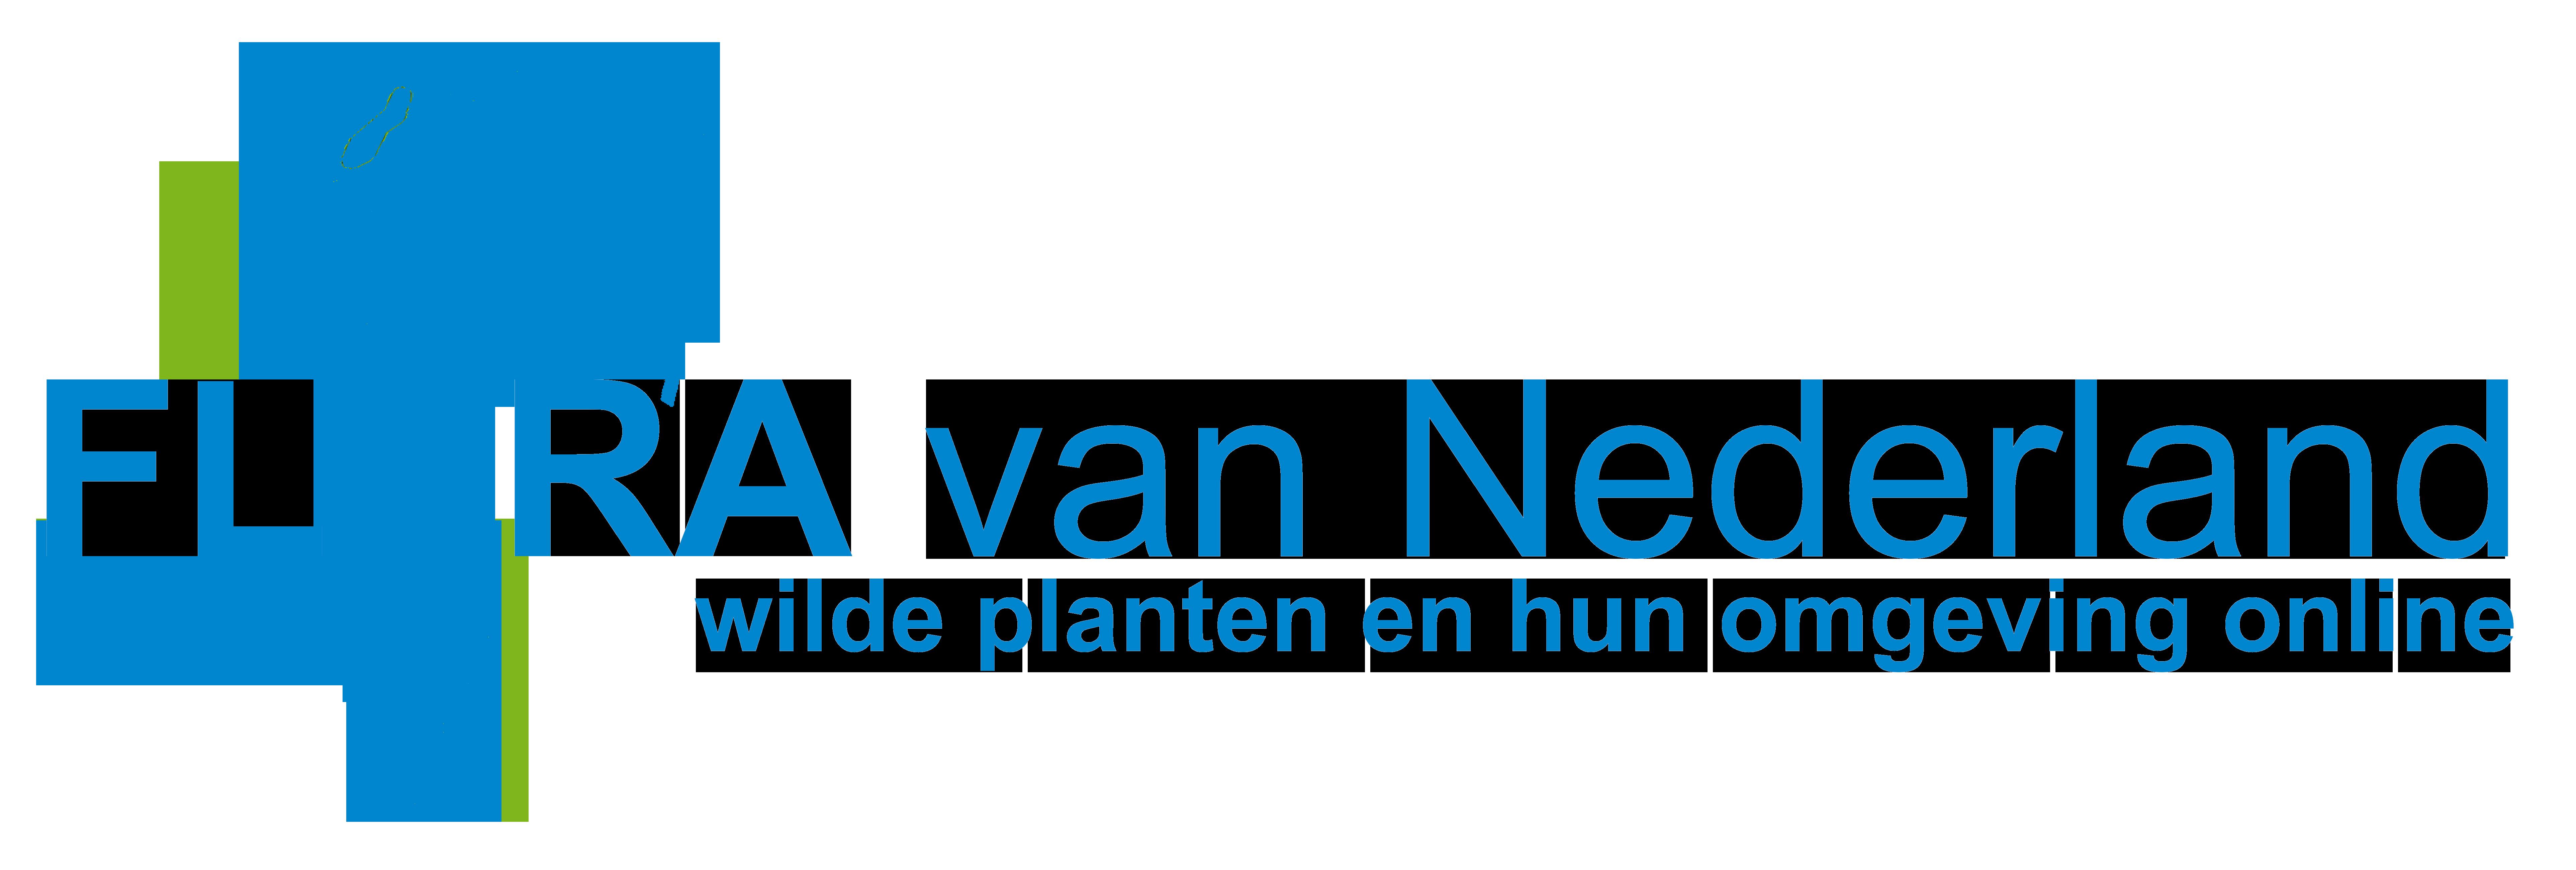 Flora van Nederland